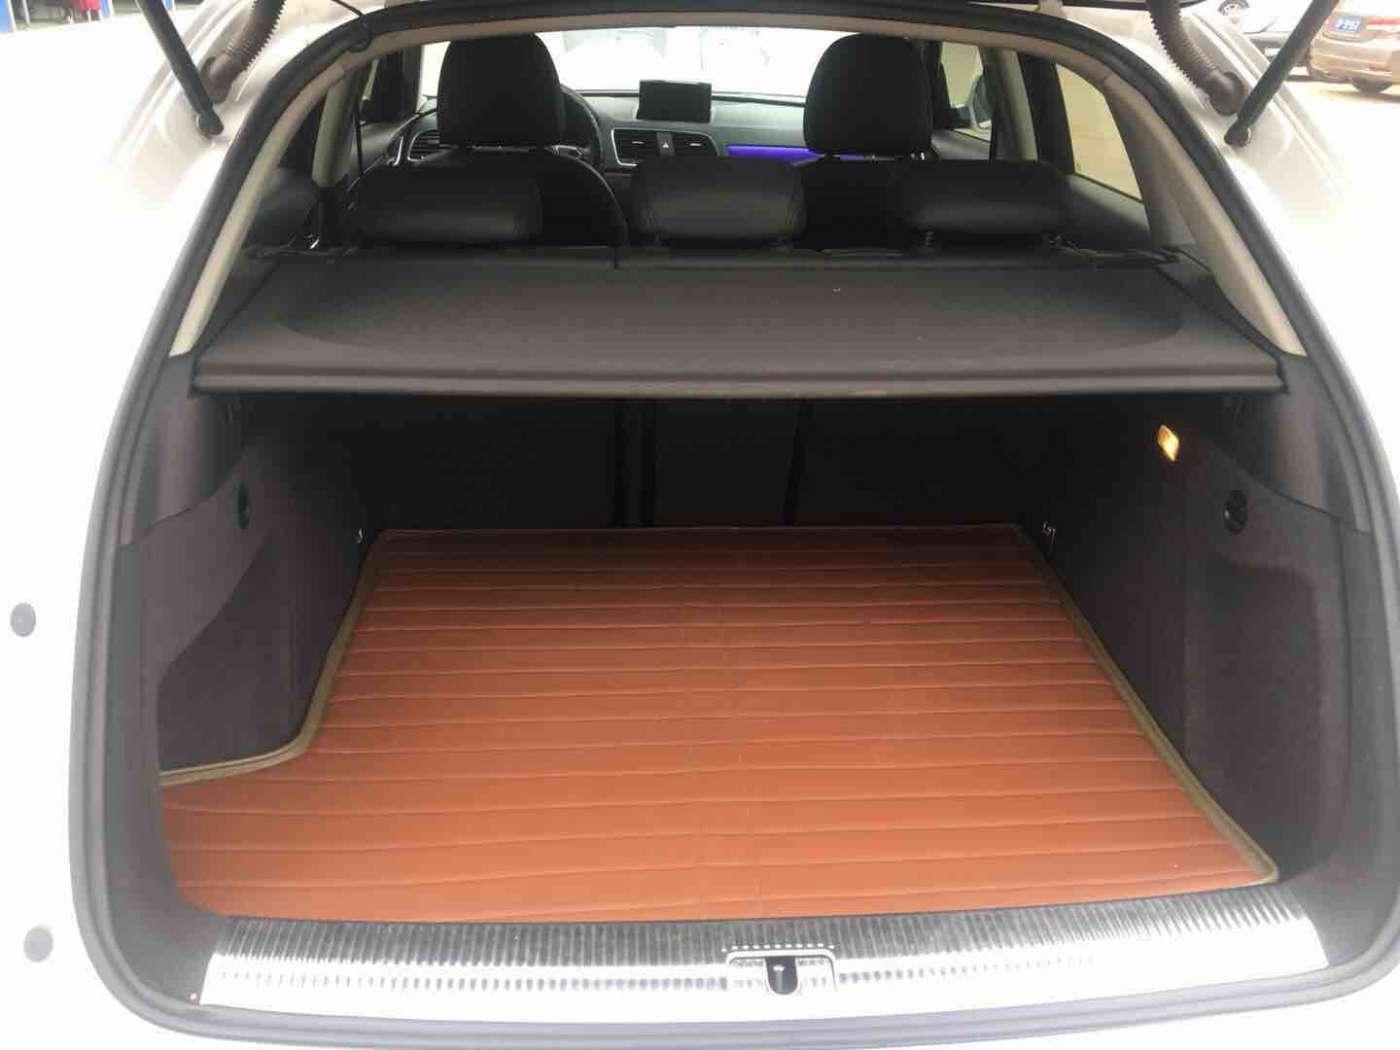 2013年05月 奥迪Q3(进口) 2012款 35 TFSI quattro 舒适型|甄选奥迪-北京卡斯基汽车服务有限公司